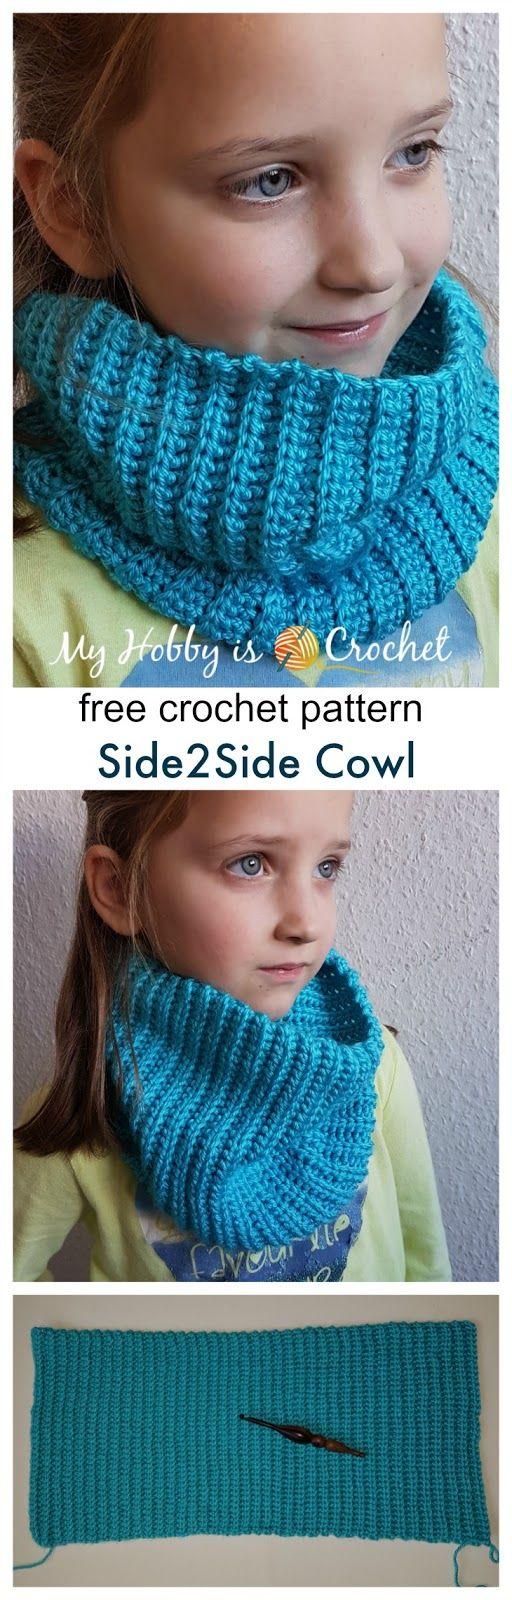 Side2Side Cowl - Free Crochet Pattern on myhobbyiscrochet.com